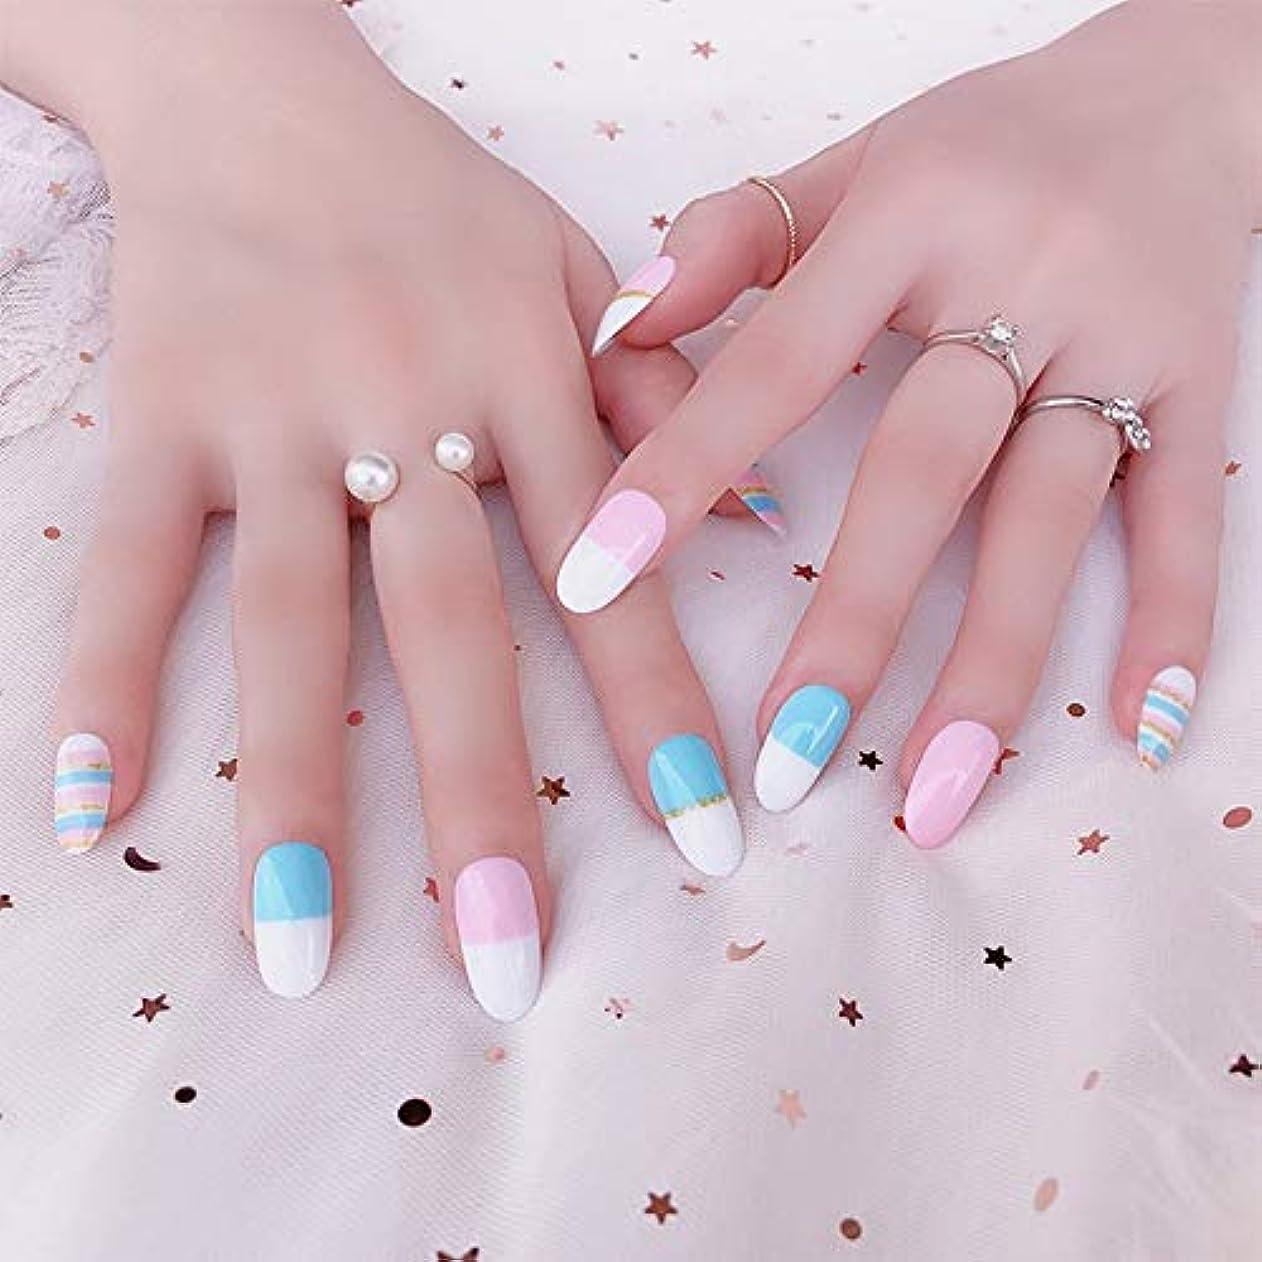 描くロゴ水平AAcreatspaceファッション花嫁偽爪光線療法偽爪かわいい偽爪ショートサイズ女性フルネイルのヒントQ12